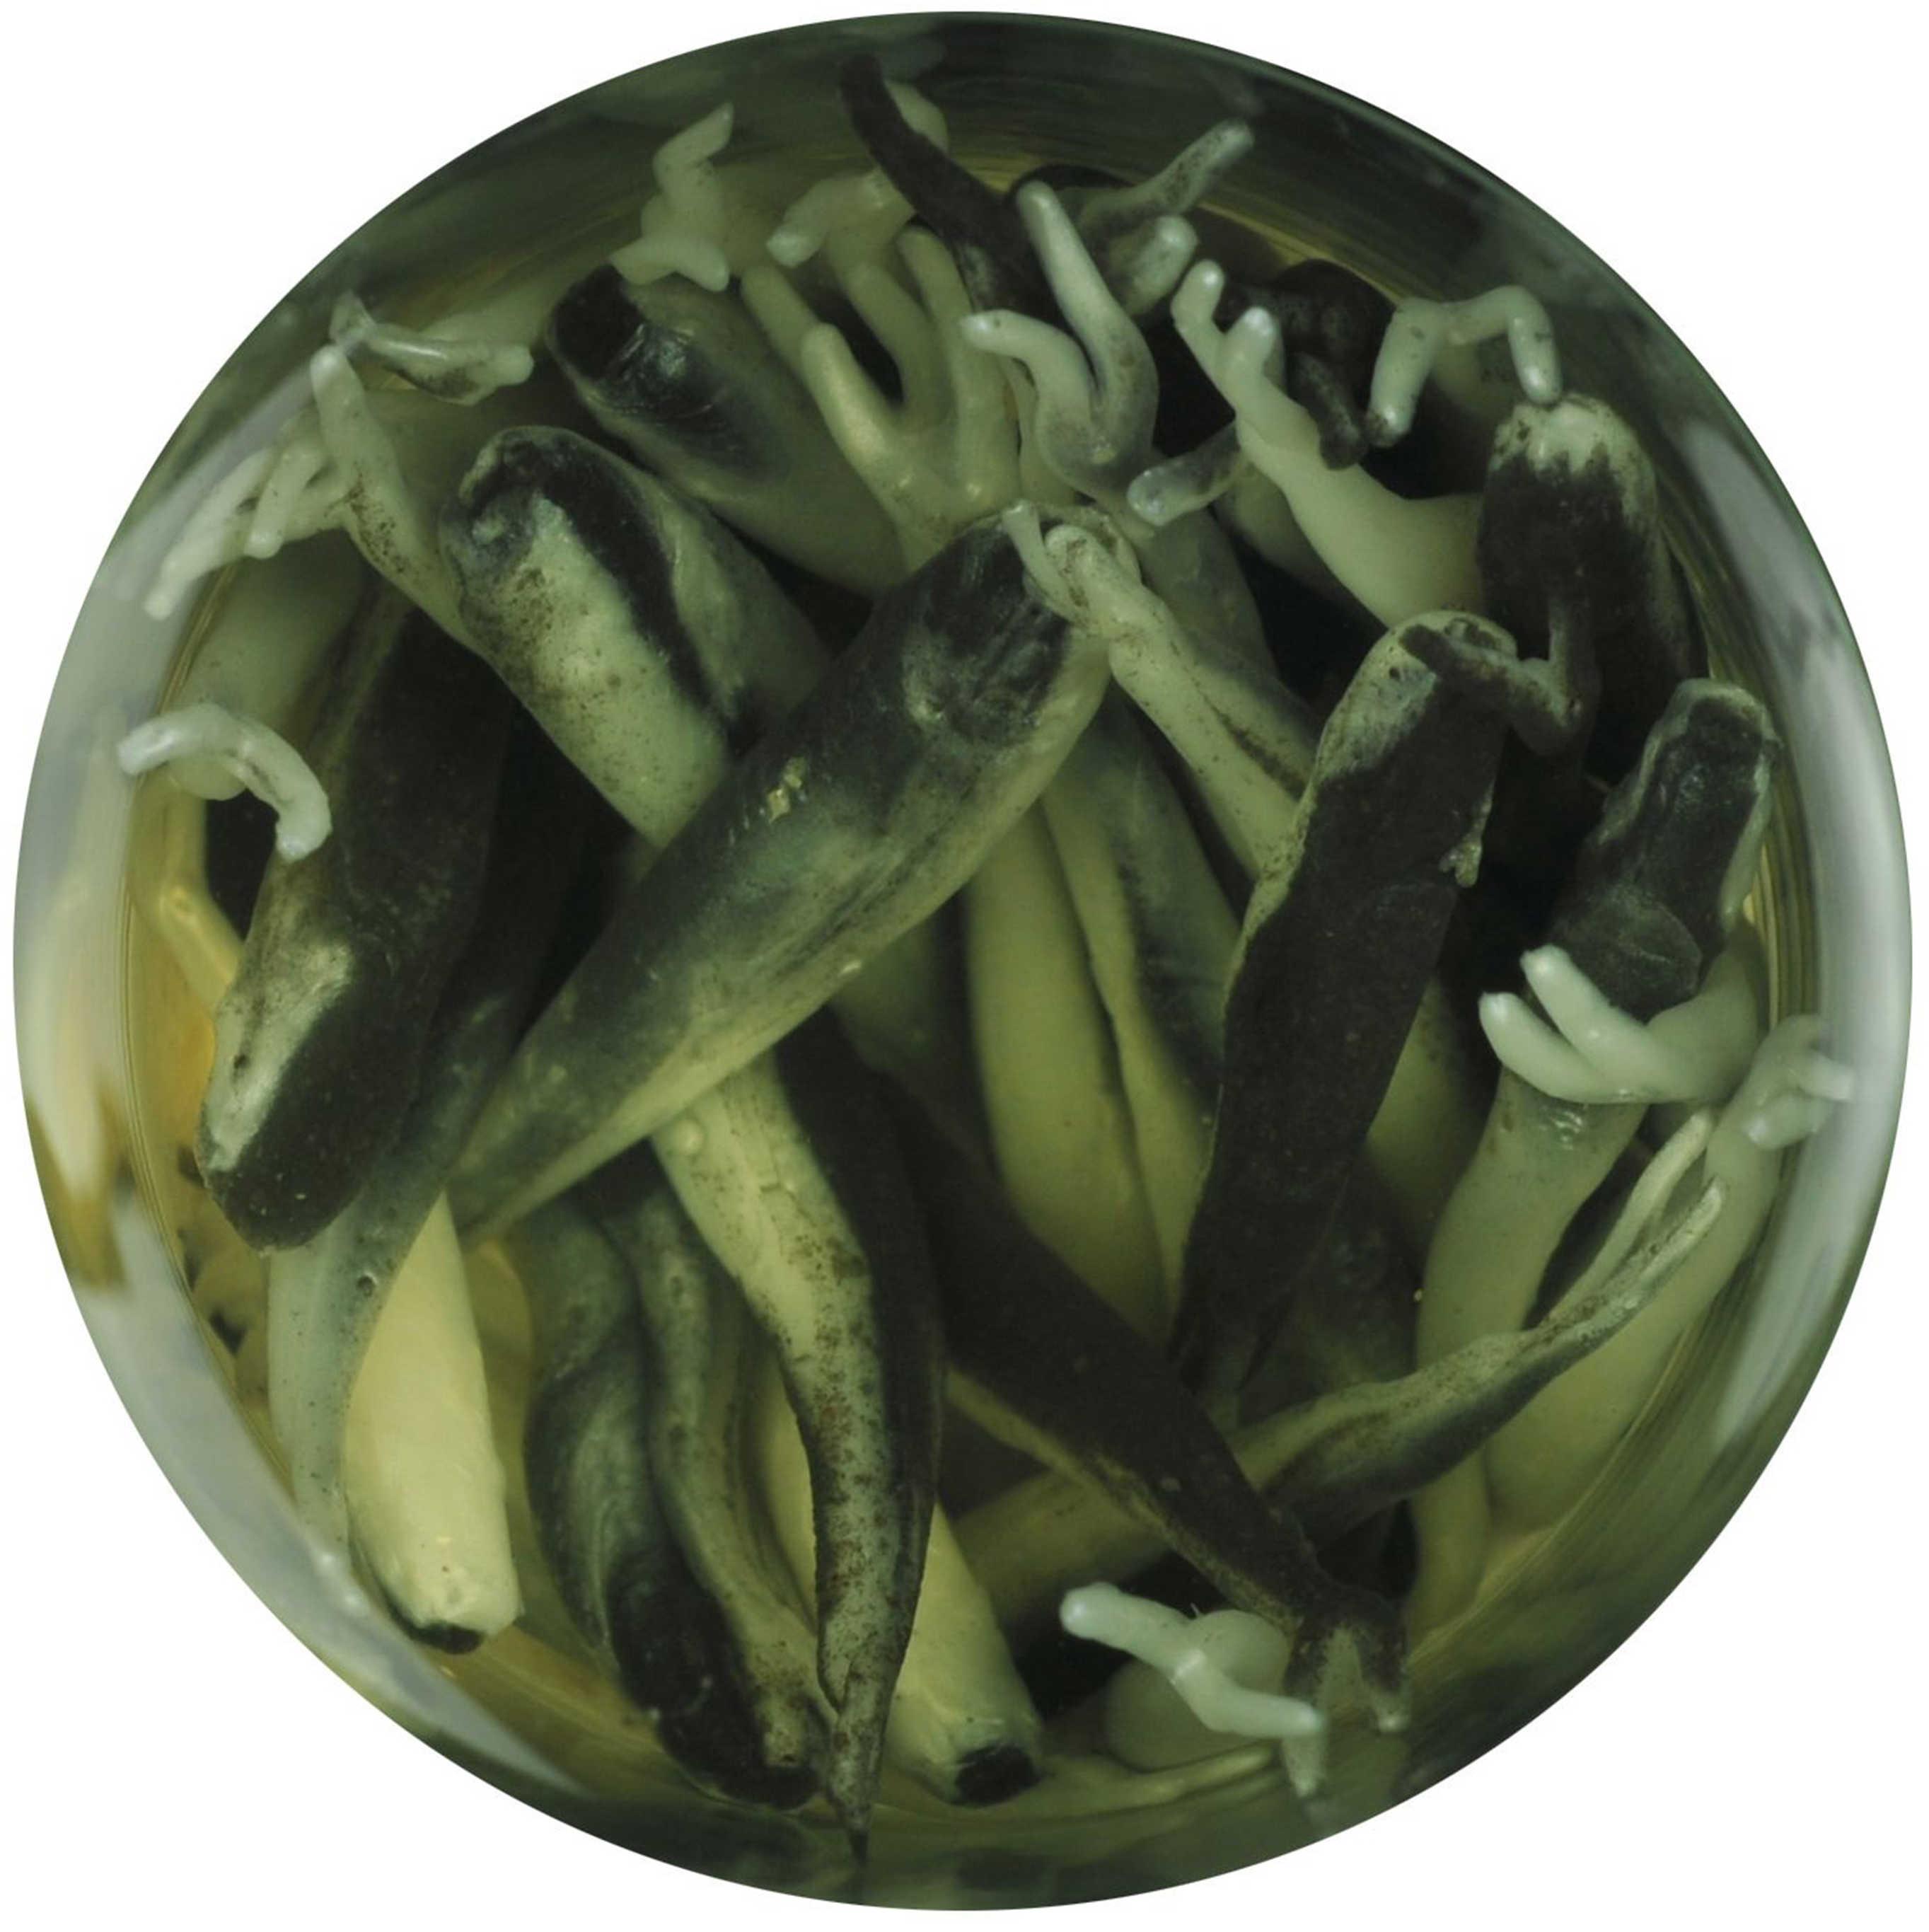 Berkley Gulp! Alive Minnow 1in 2.1 Oz Jar Black Shad Md#: GAJMI1-BS